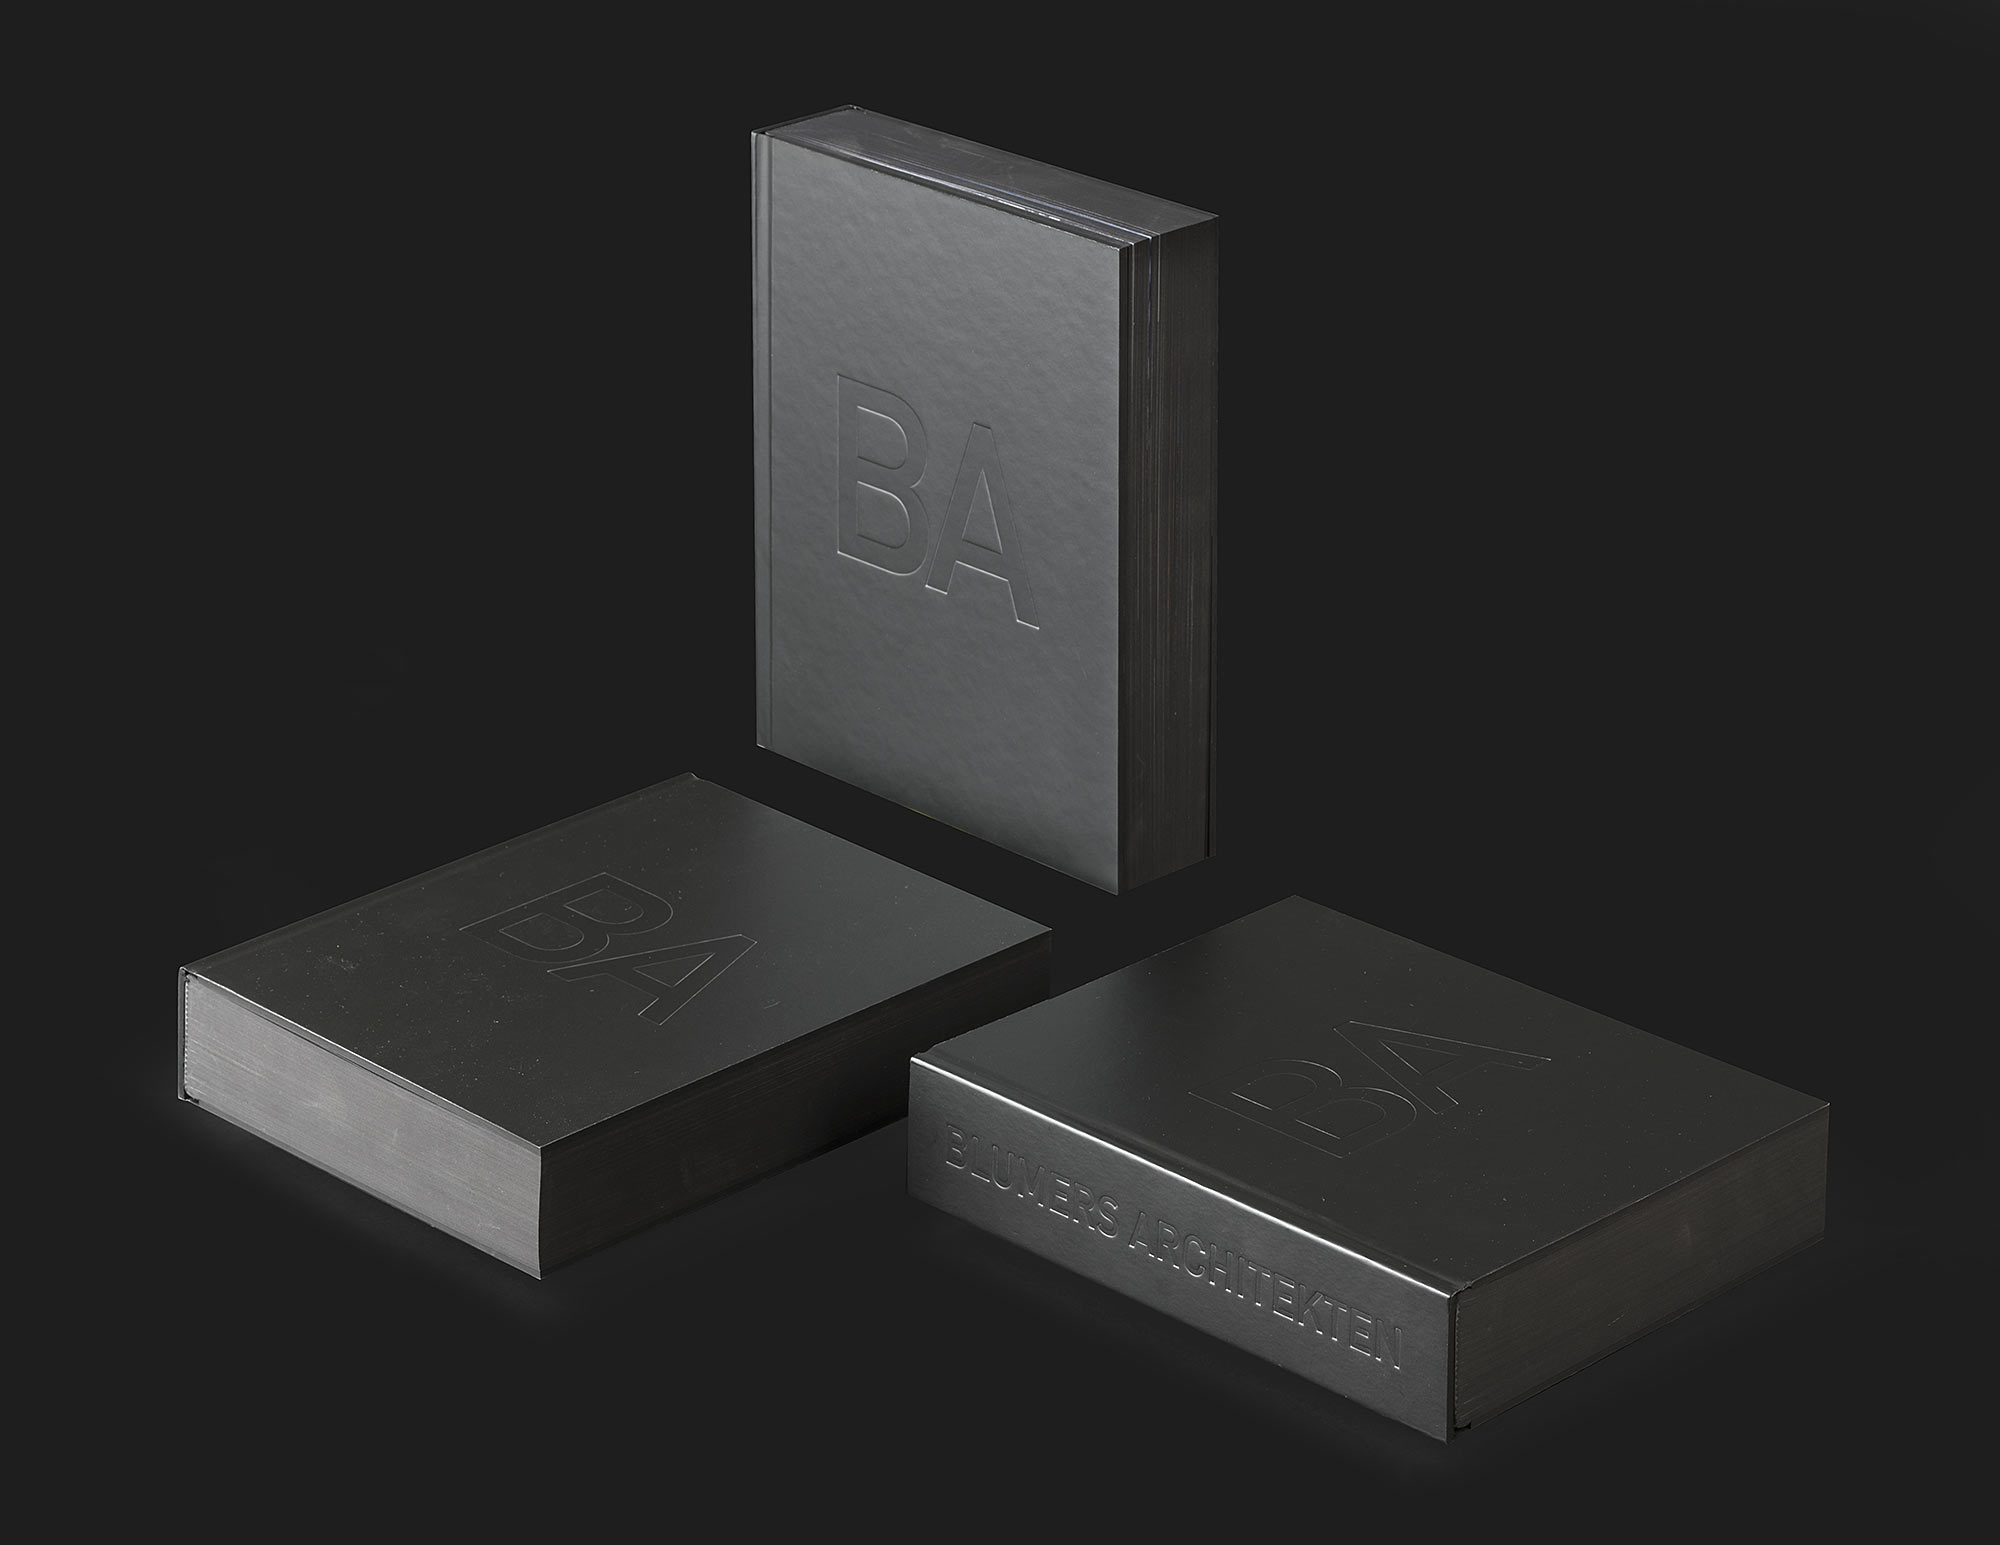 Blumers-Architekten_Black-Book-Dabrowski-3mal